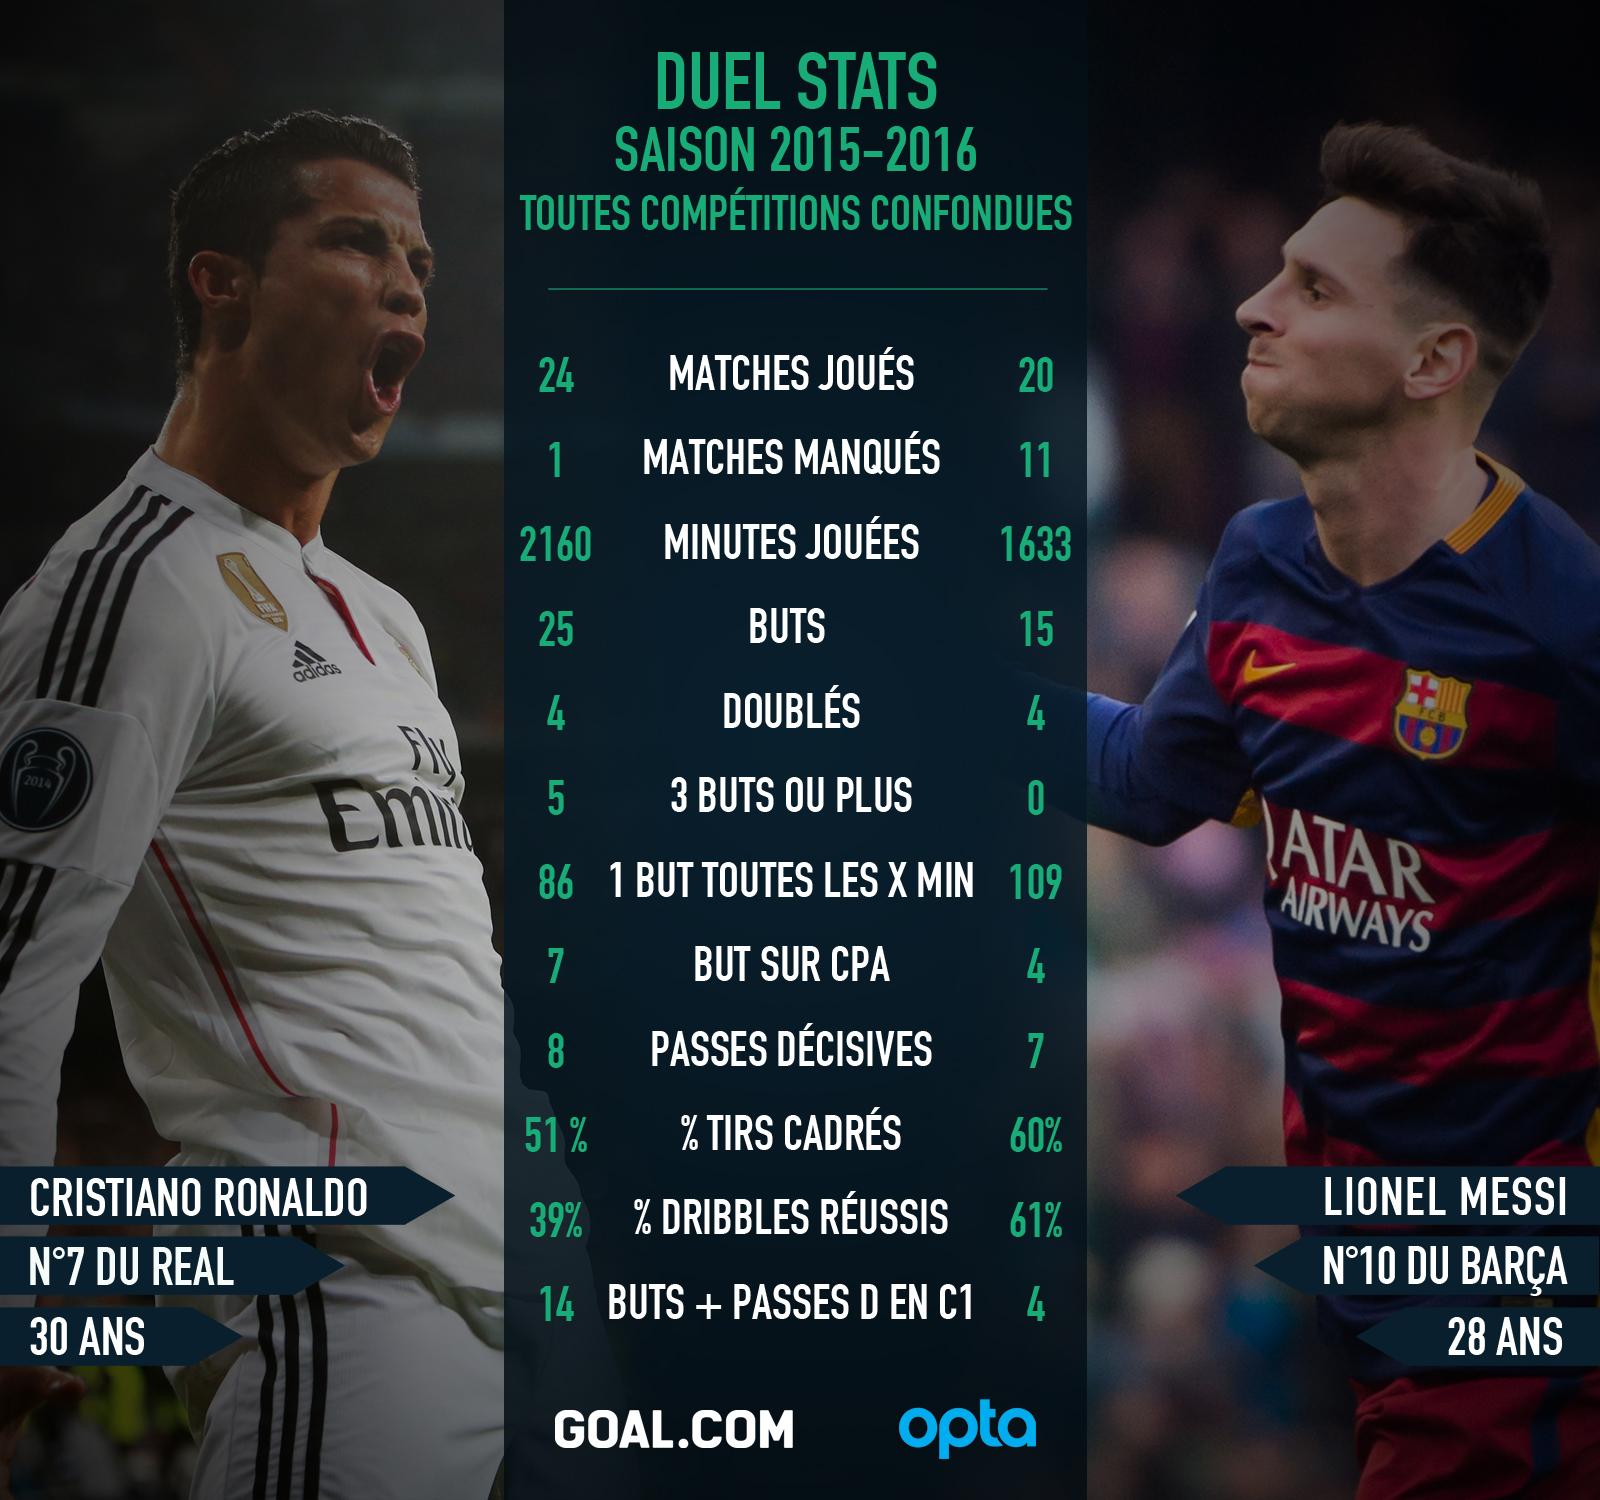 Messi ou Ronaldo, qui est le plus fort ? Les statistiques mises à jour !